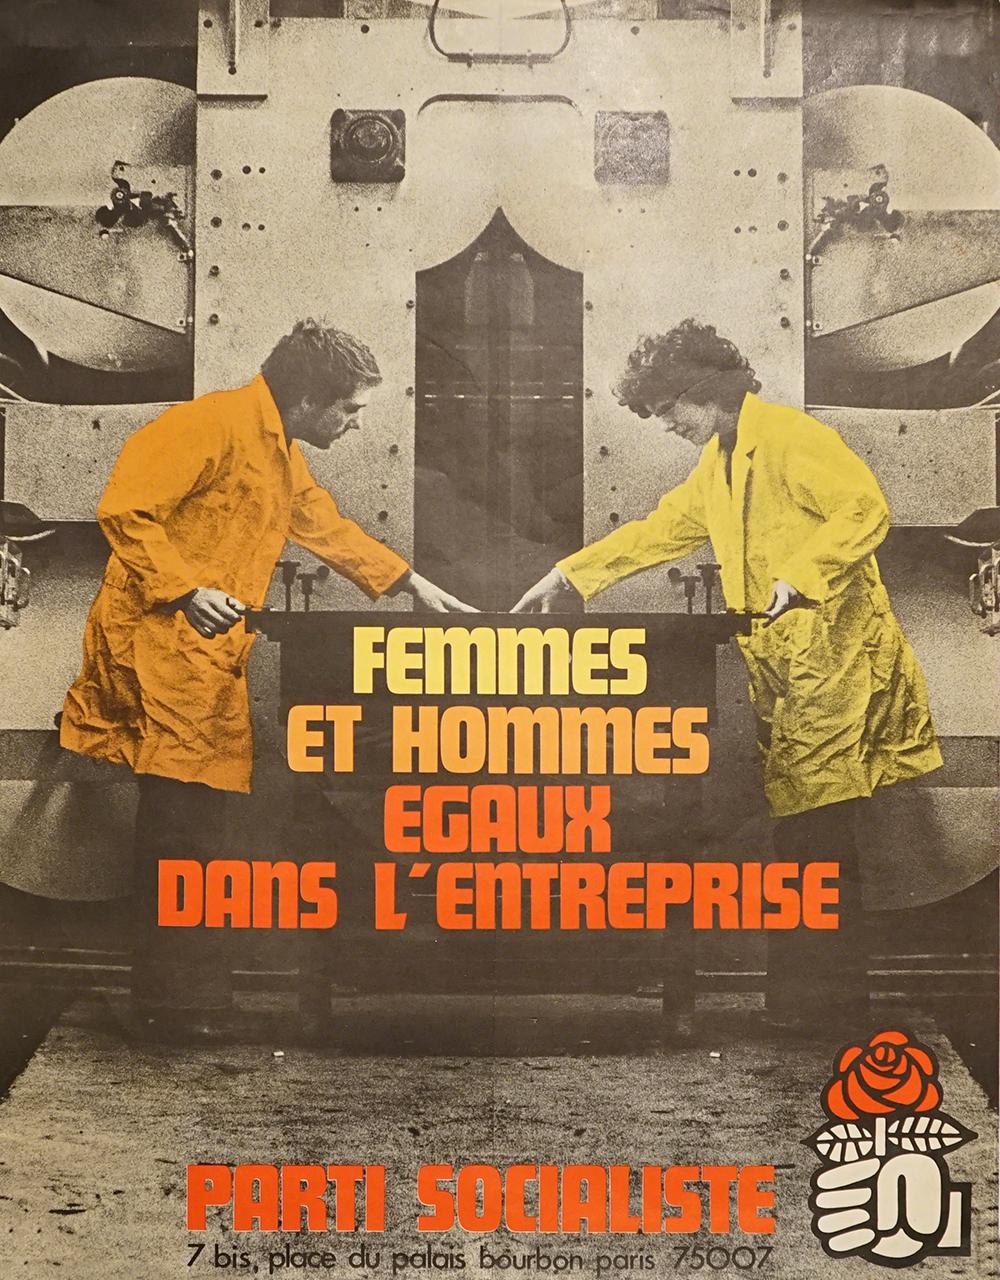 femmes-et-hommes-egaux-ds-l-entreprise-c-baillargeon-web-1982.jpg